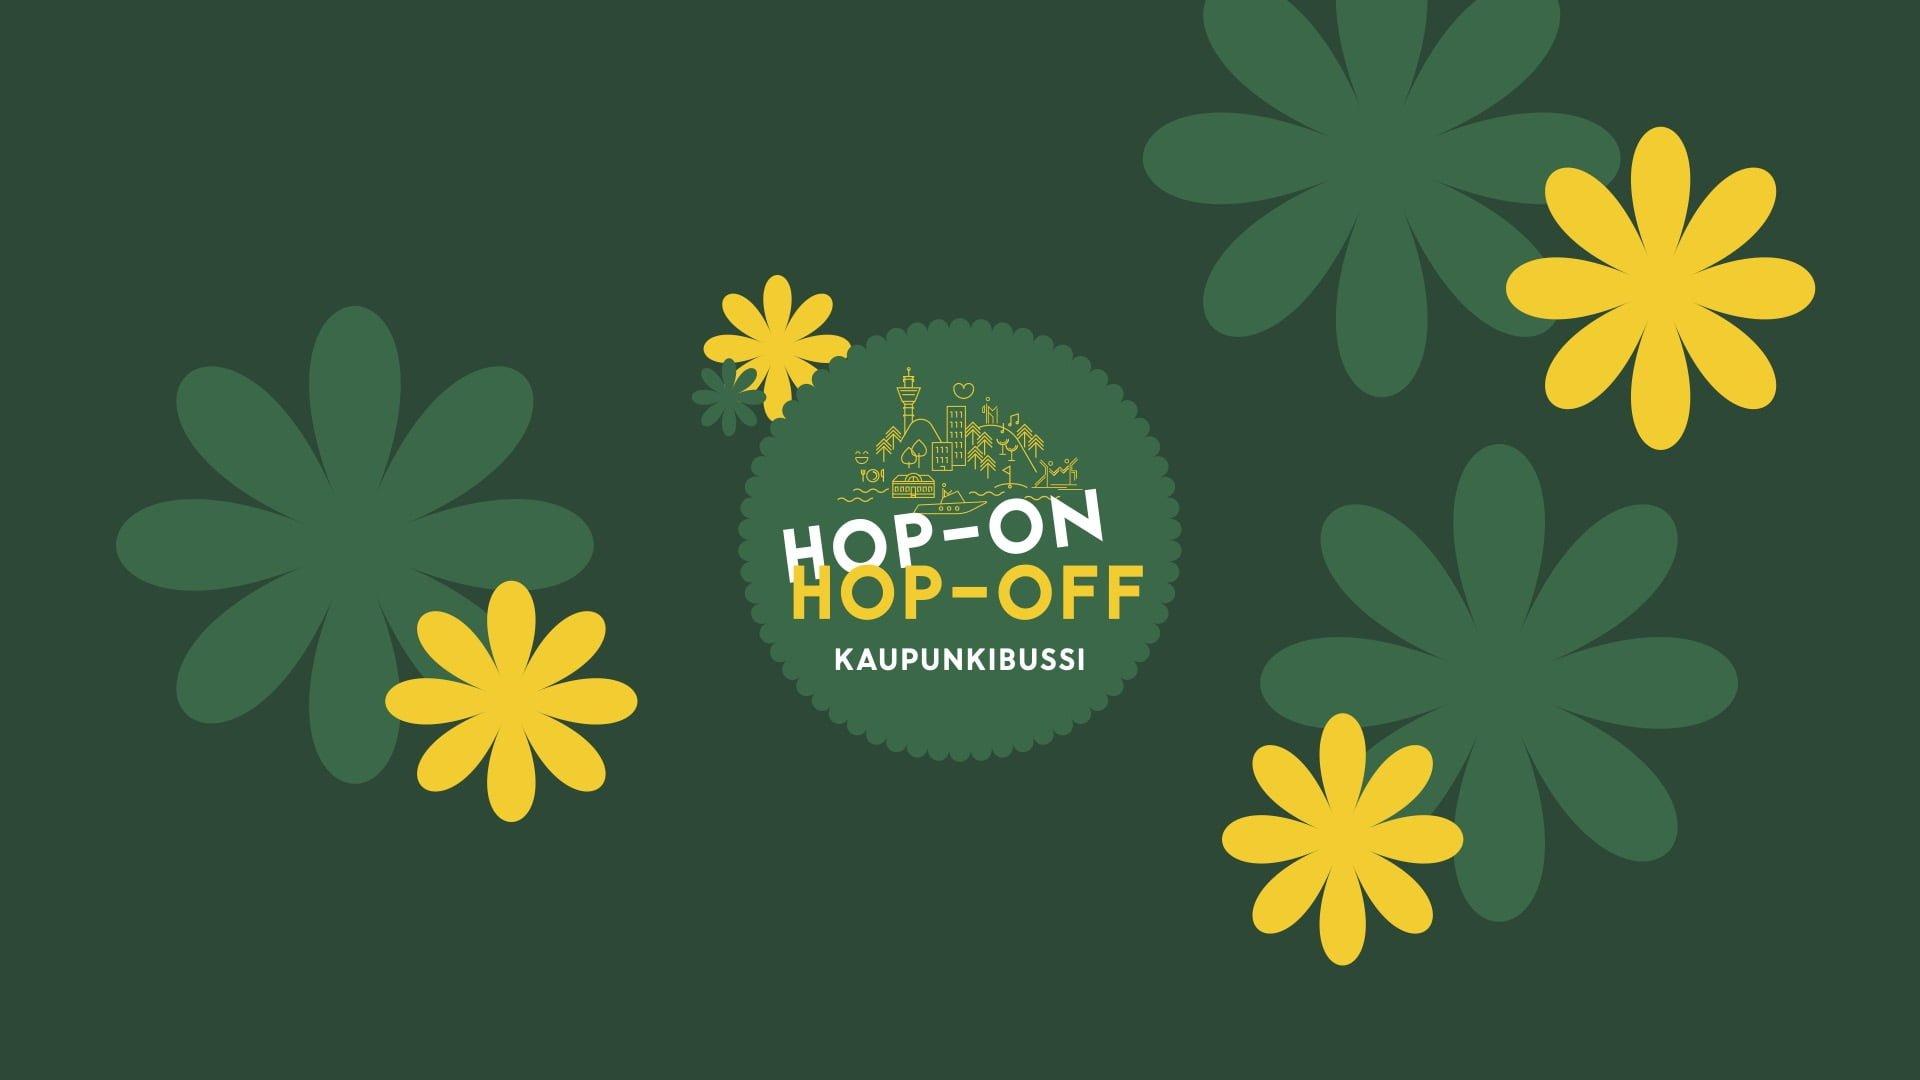 Hop-On Hop-Off